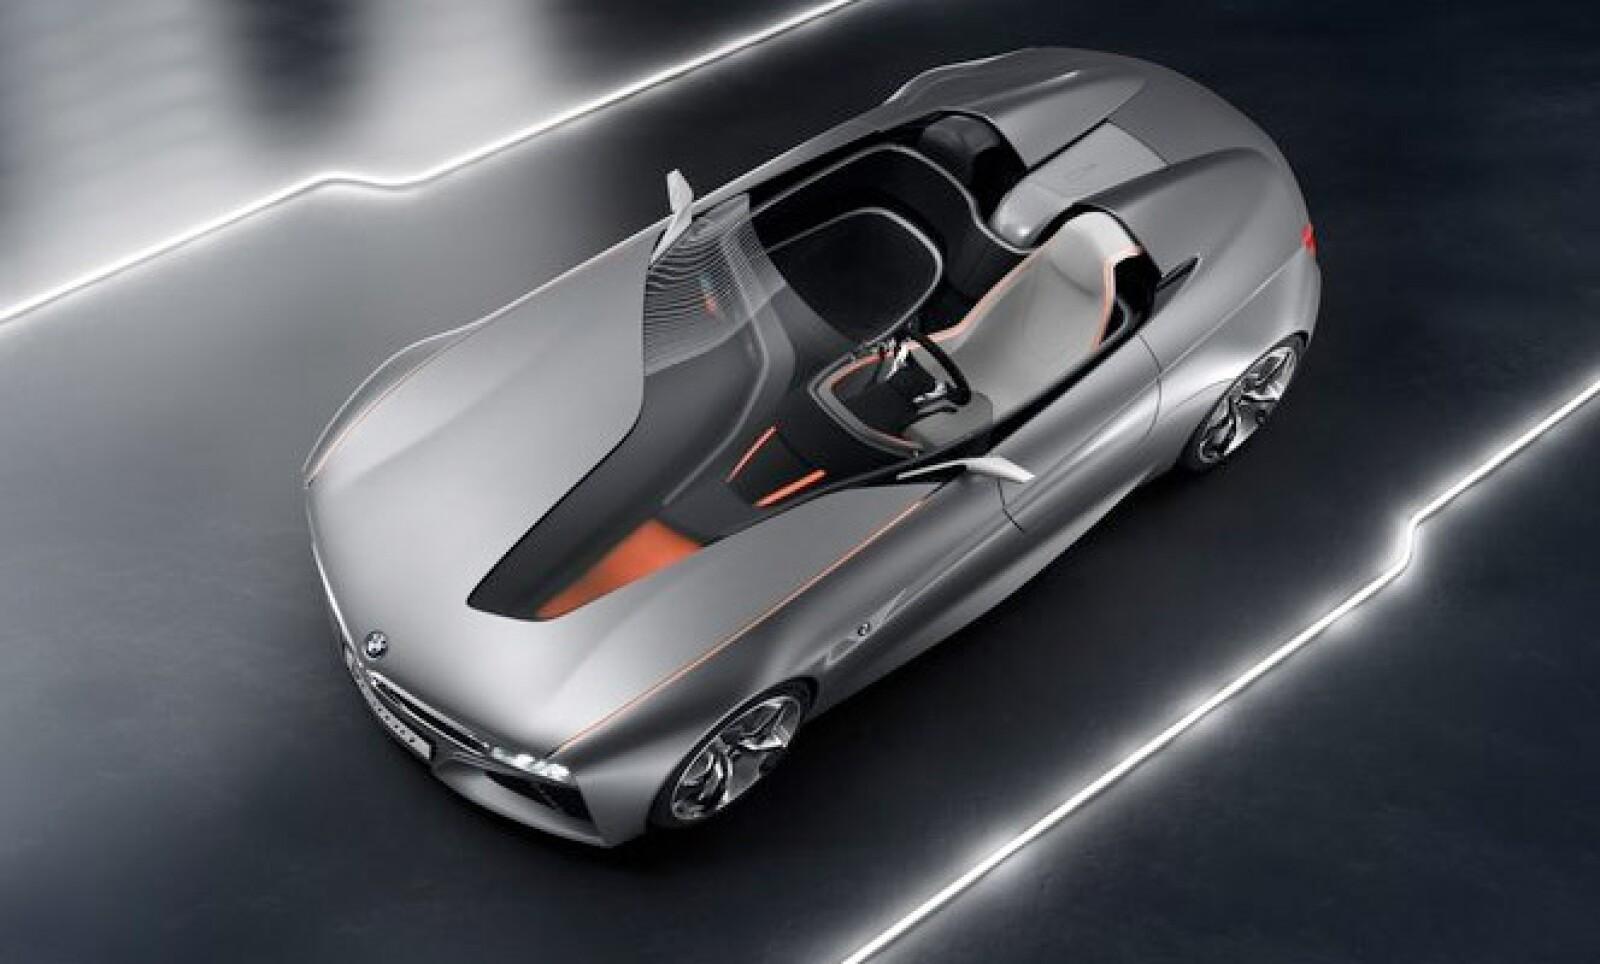 Un 'roadster' de la firma bávara que incorporará un nuevo sistema de conducción guiado por computadora, para asegurar la seguridad de sus pasajeros.